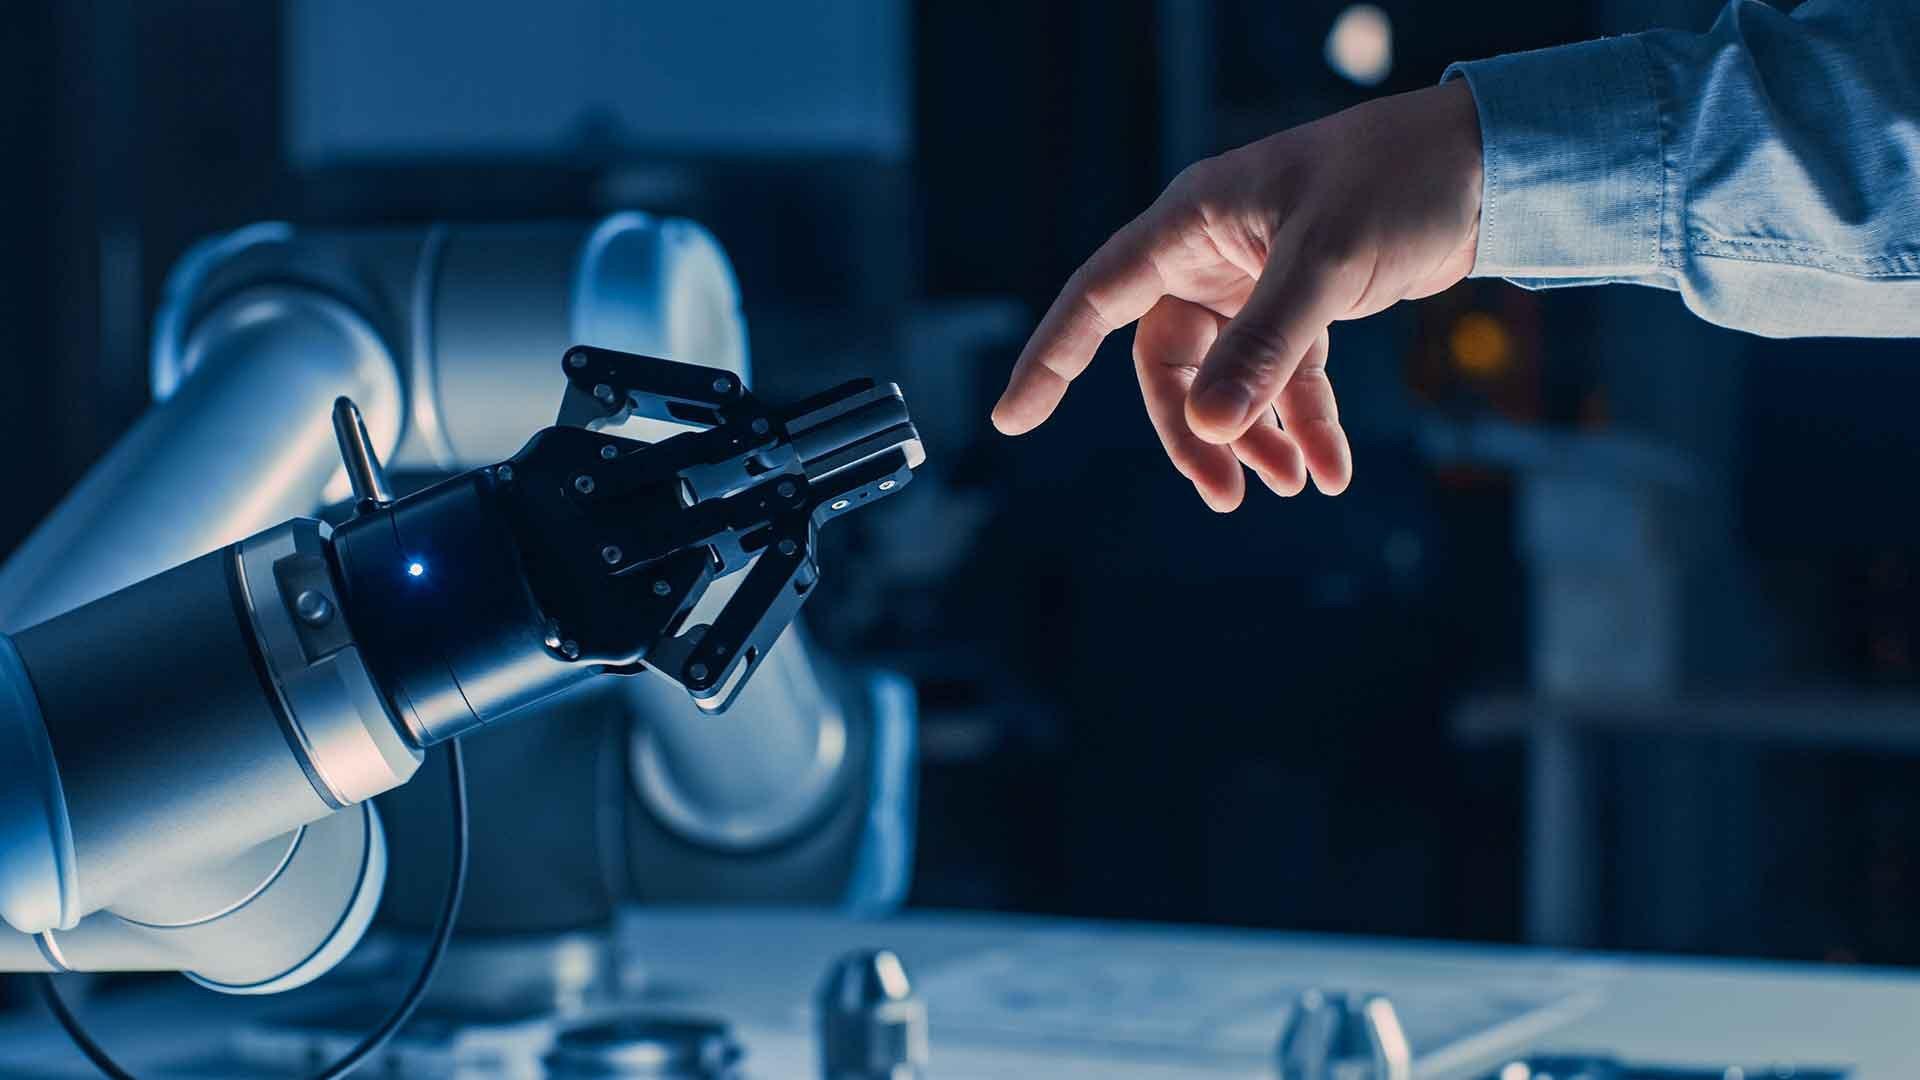 Smart Produzieren durch digitale Innovation